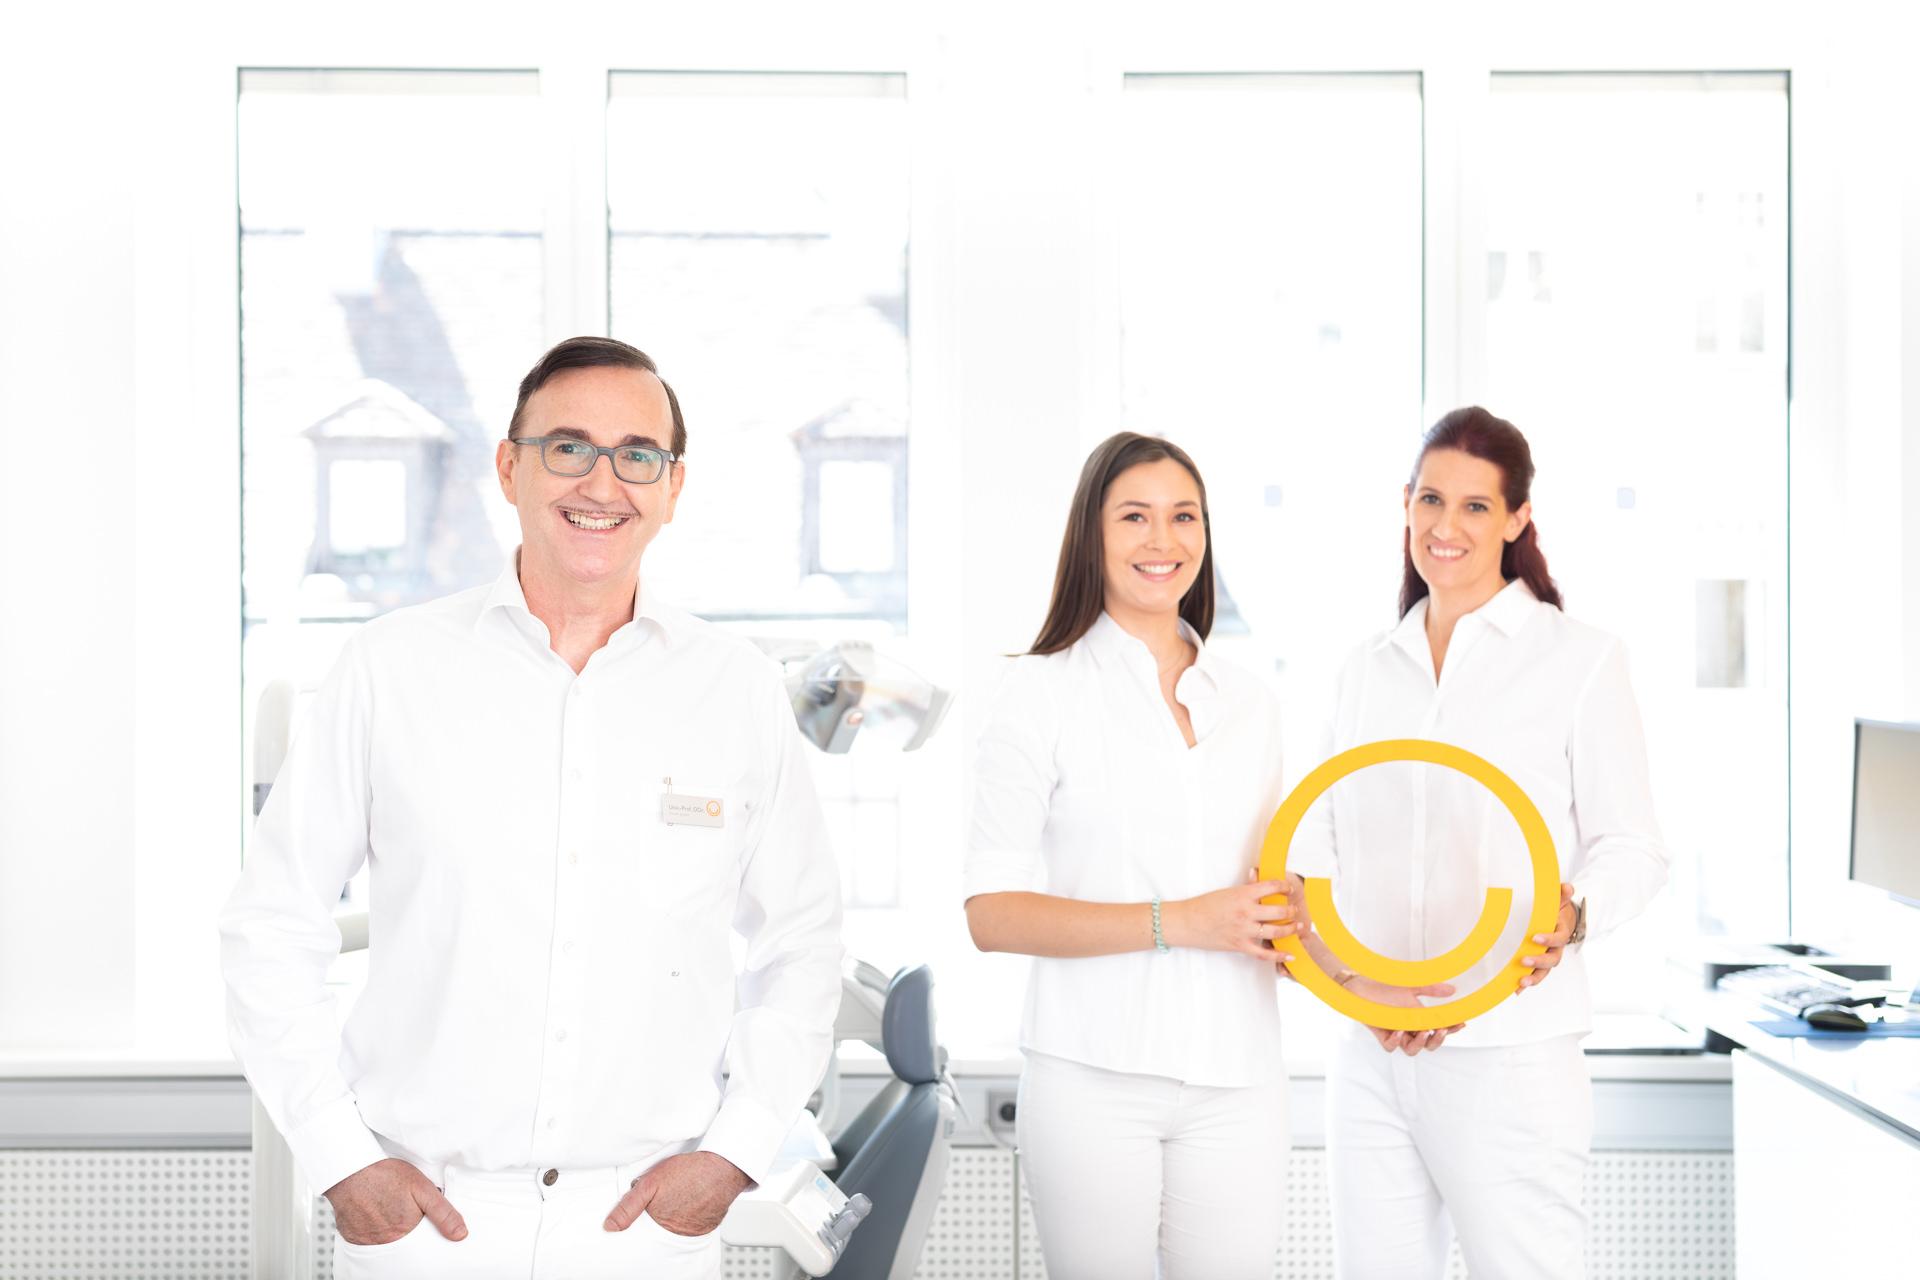 Prof. Jonke mit zwei zahnärztlichen Assistentinnen mit Jonke-Logo